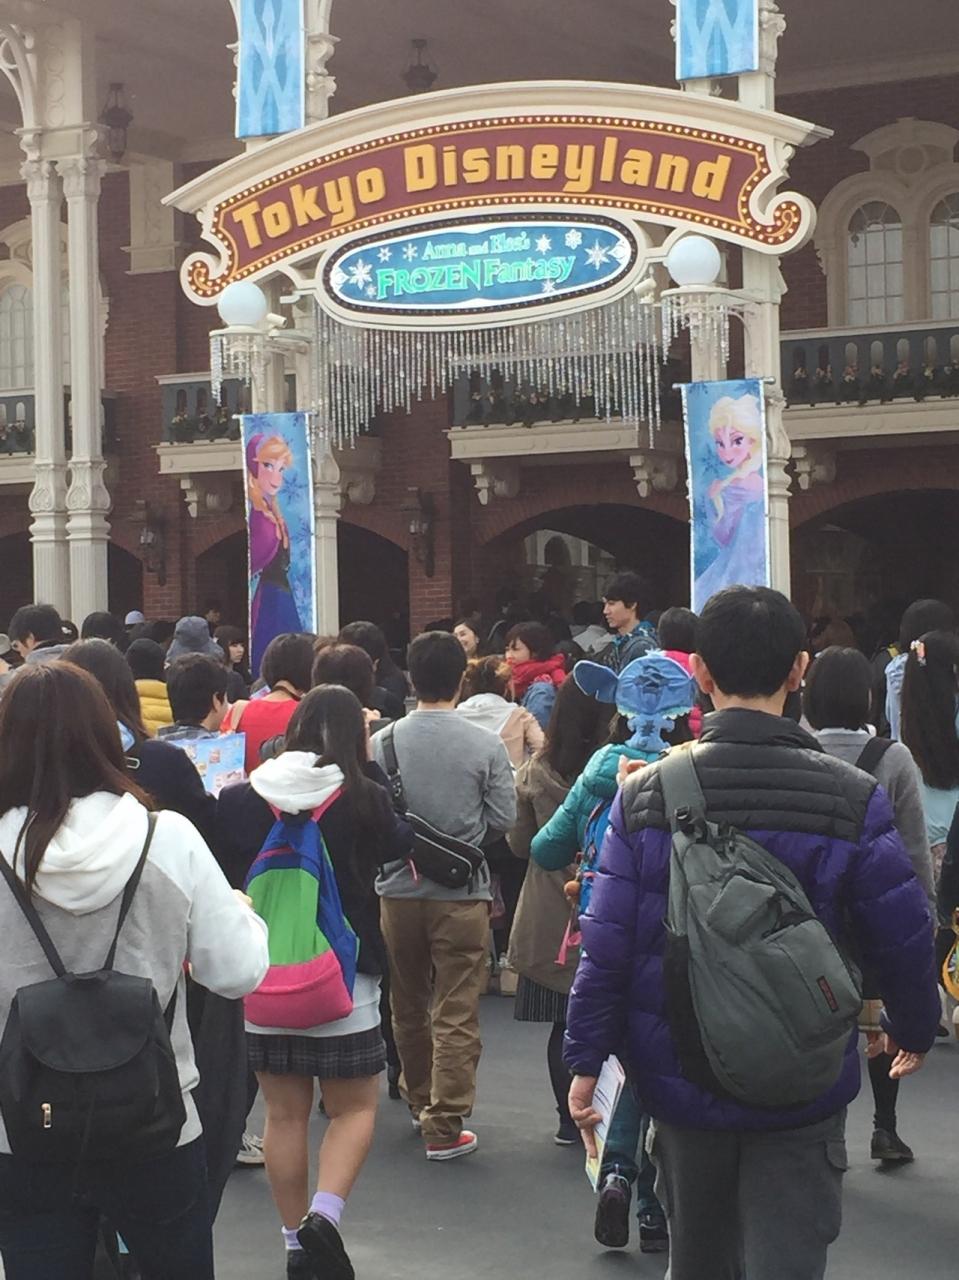 3/18.19東京ディズニーランド&シー2days』千葉県の旅行記・ブログ by gto